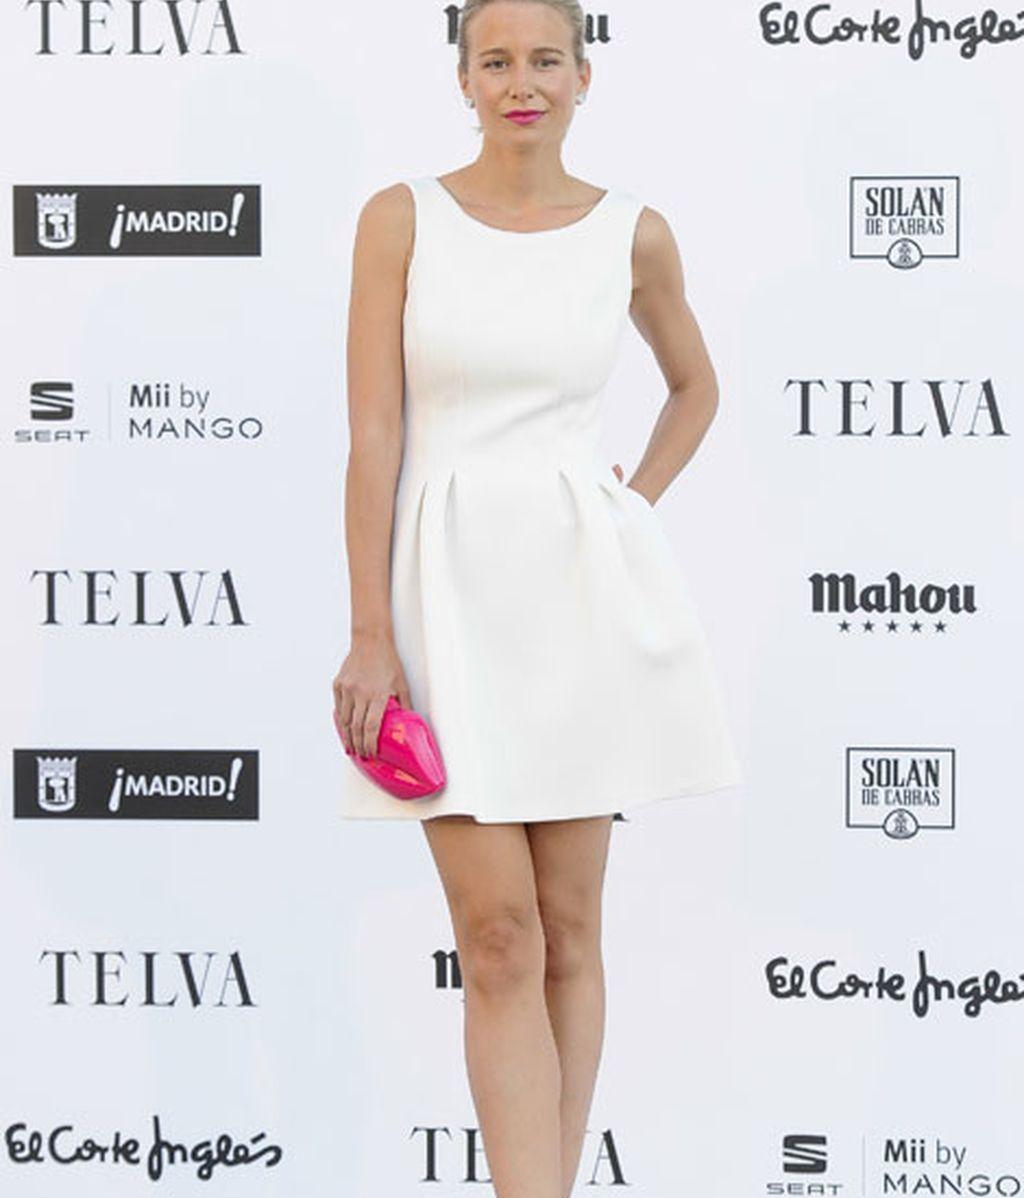 La ex modelo María León con un minivestido blanco